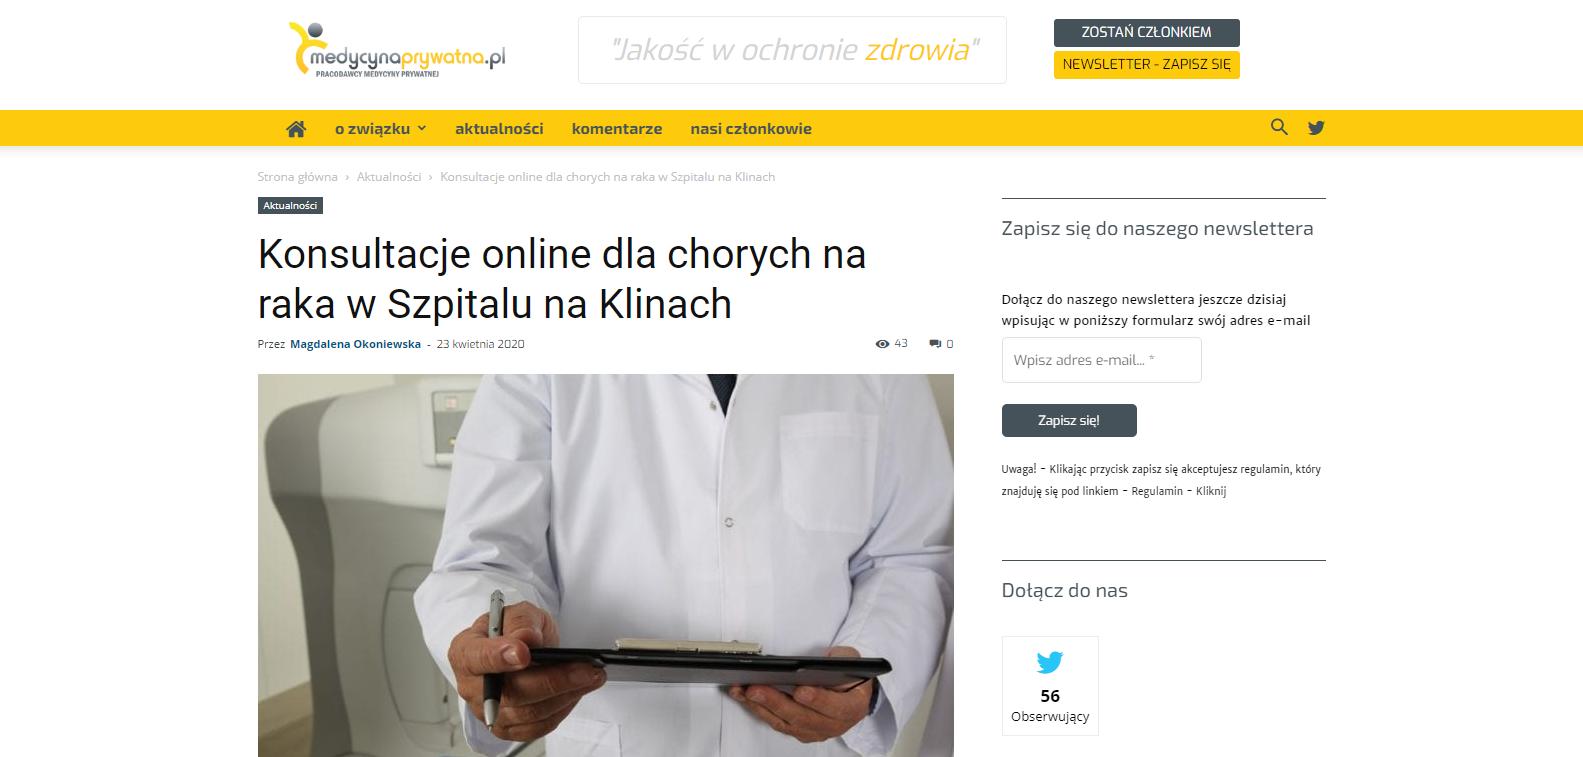 Konsultacje online dla chorych na raka w Szpitalu na Klinach